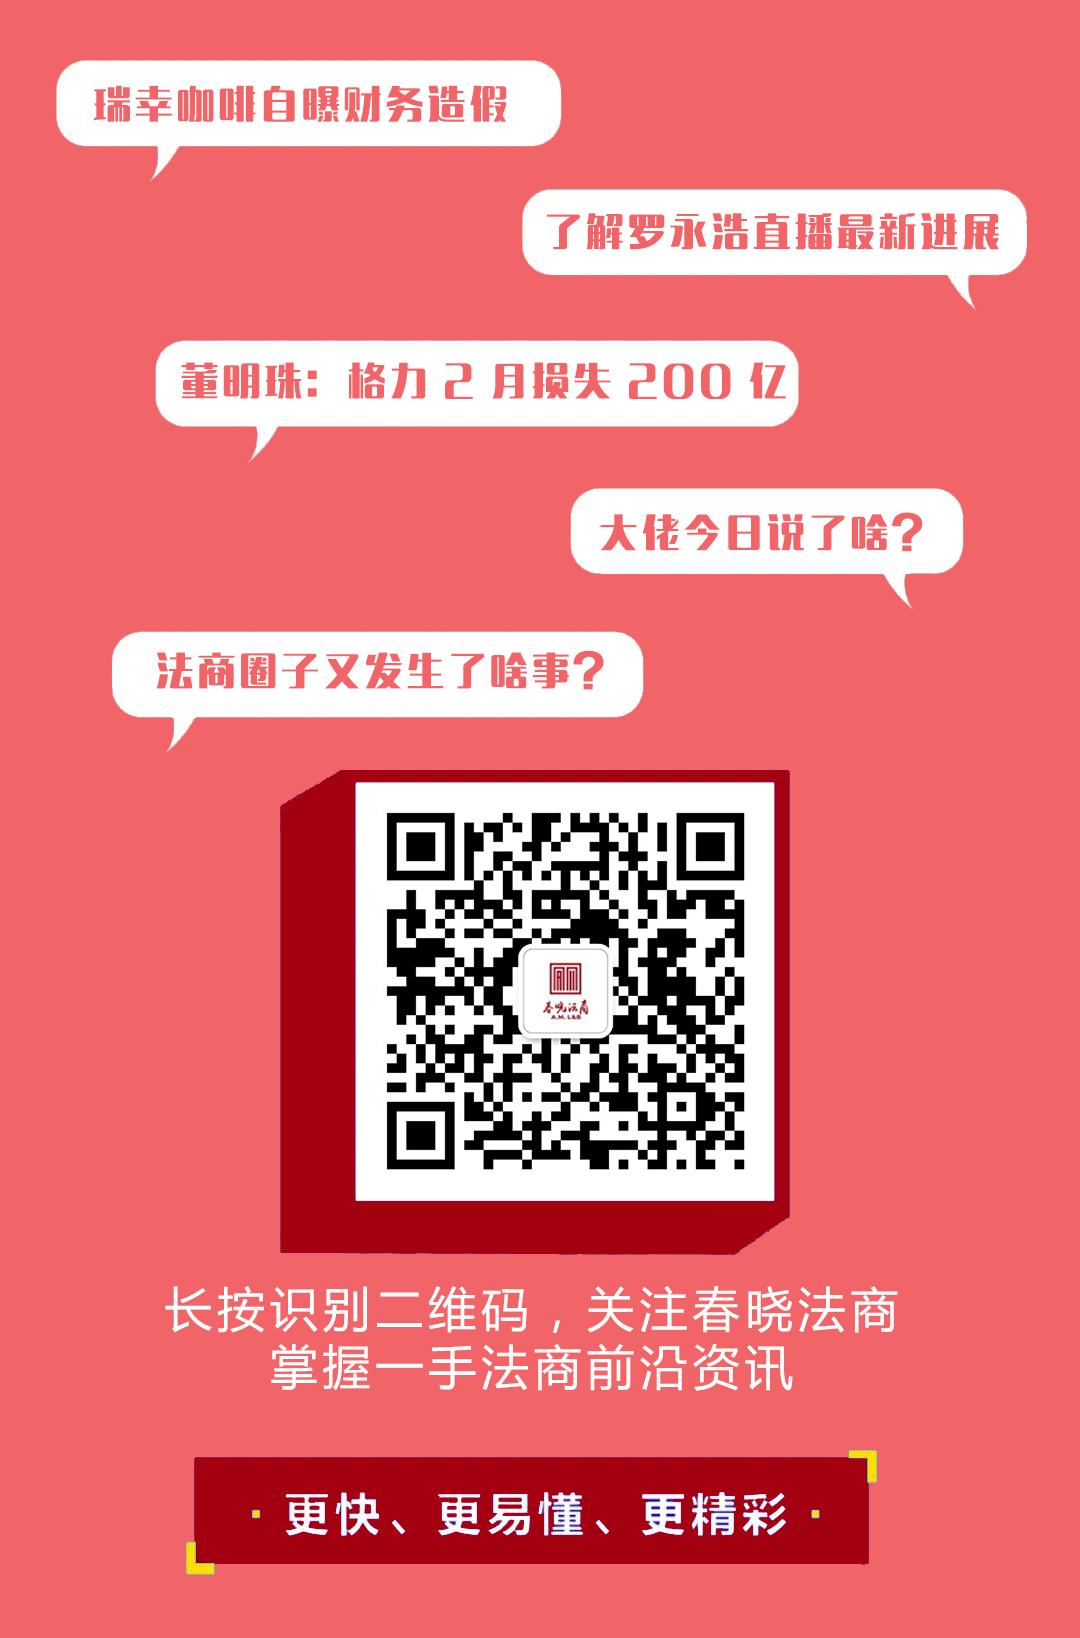 商业 | 春晓资讯 5.25